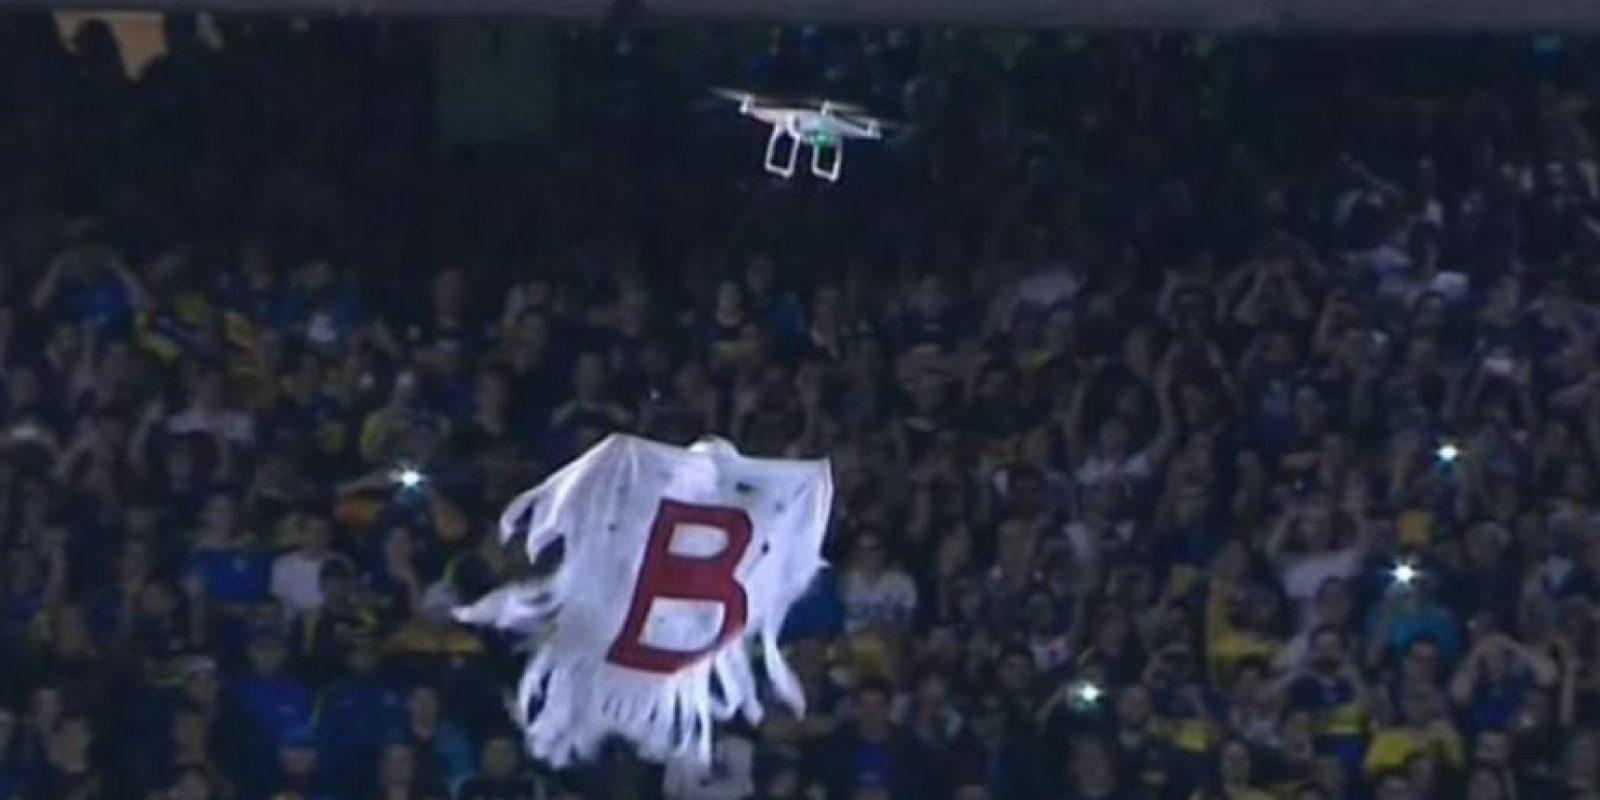 """Aficionados de Boca Juniors volaron un drone con una bandera para recordarle a River Plate su paso por la """"Primera B Nacional"""", la división de ascenso en el fútbol argentino. Foto:Vía twitter.com"""